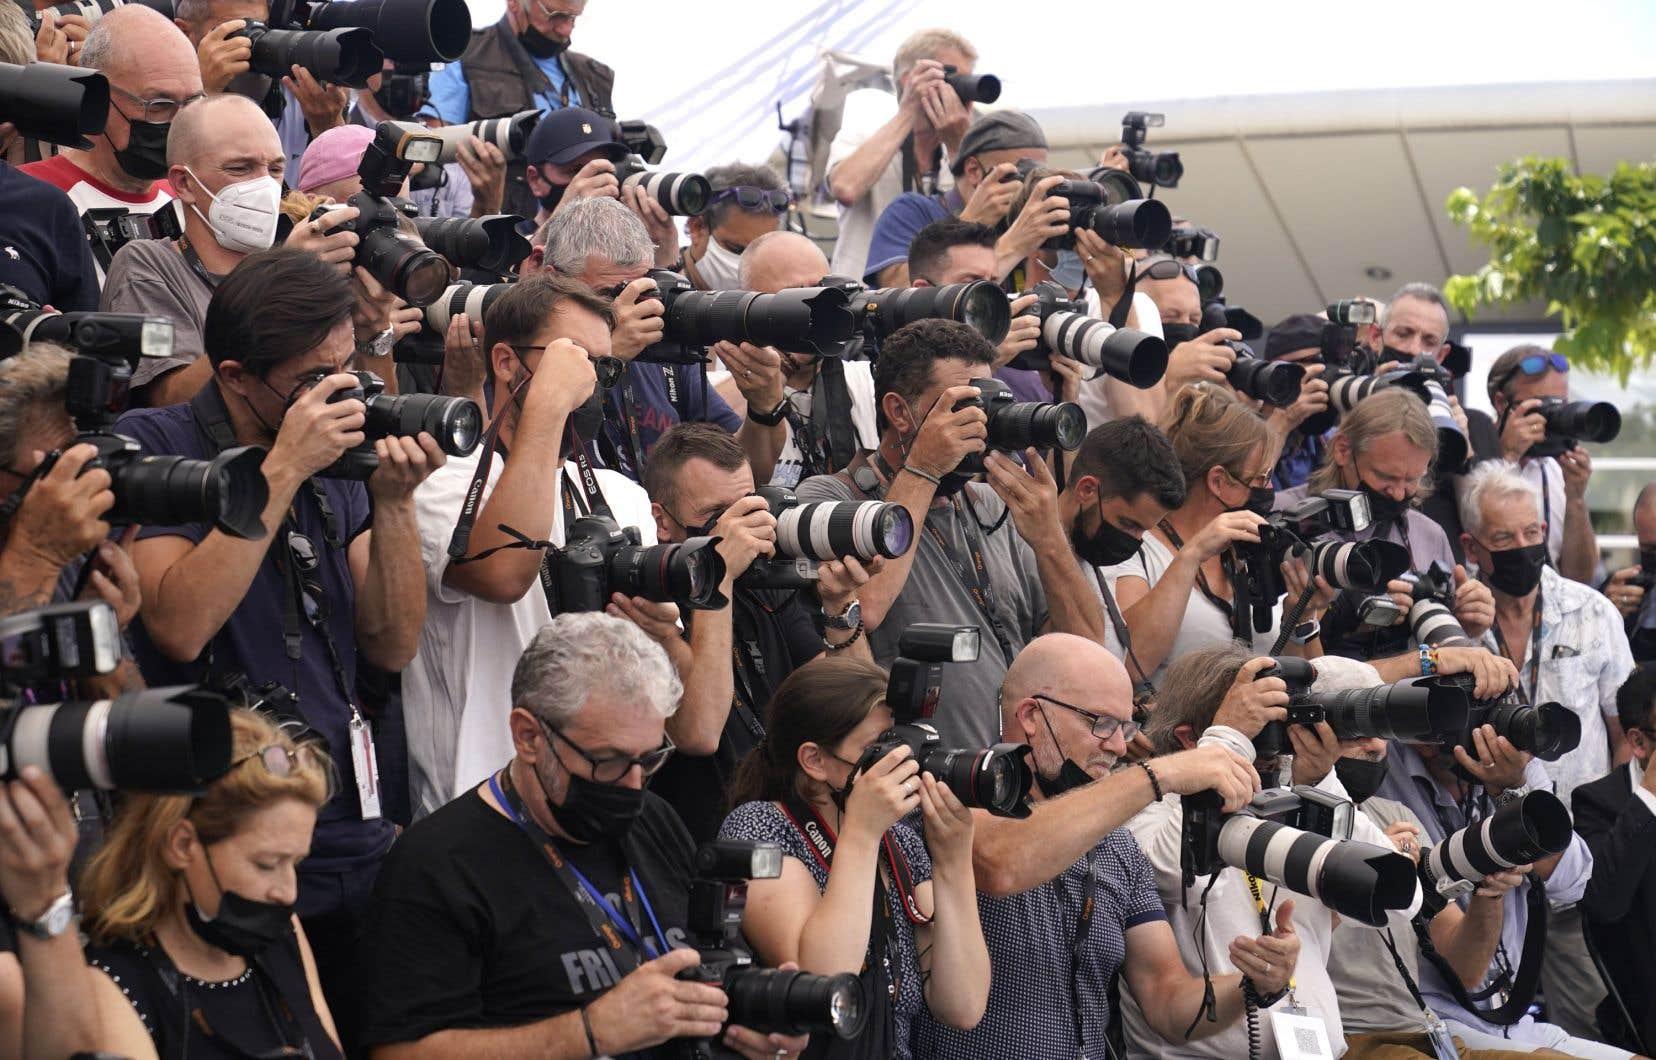 Le cinéaste américain Wes Andersonacceptera de gravir le tapis rouge pour son film en compétition. Mais pas davantage.